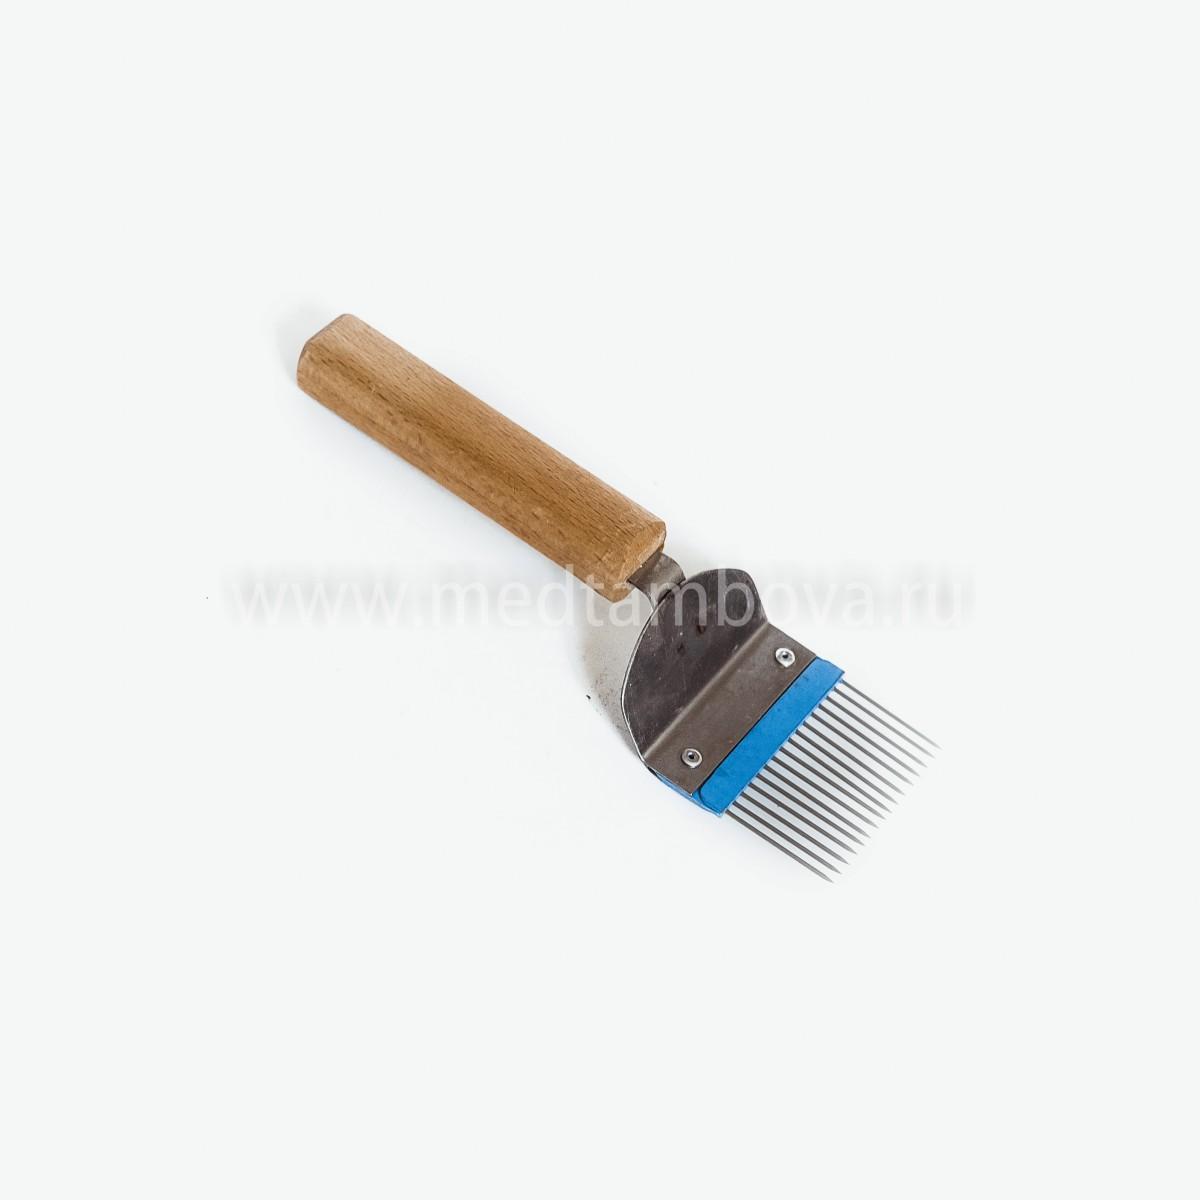 Вилка нержавейка игла прямая ручка деревянная